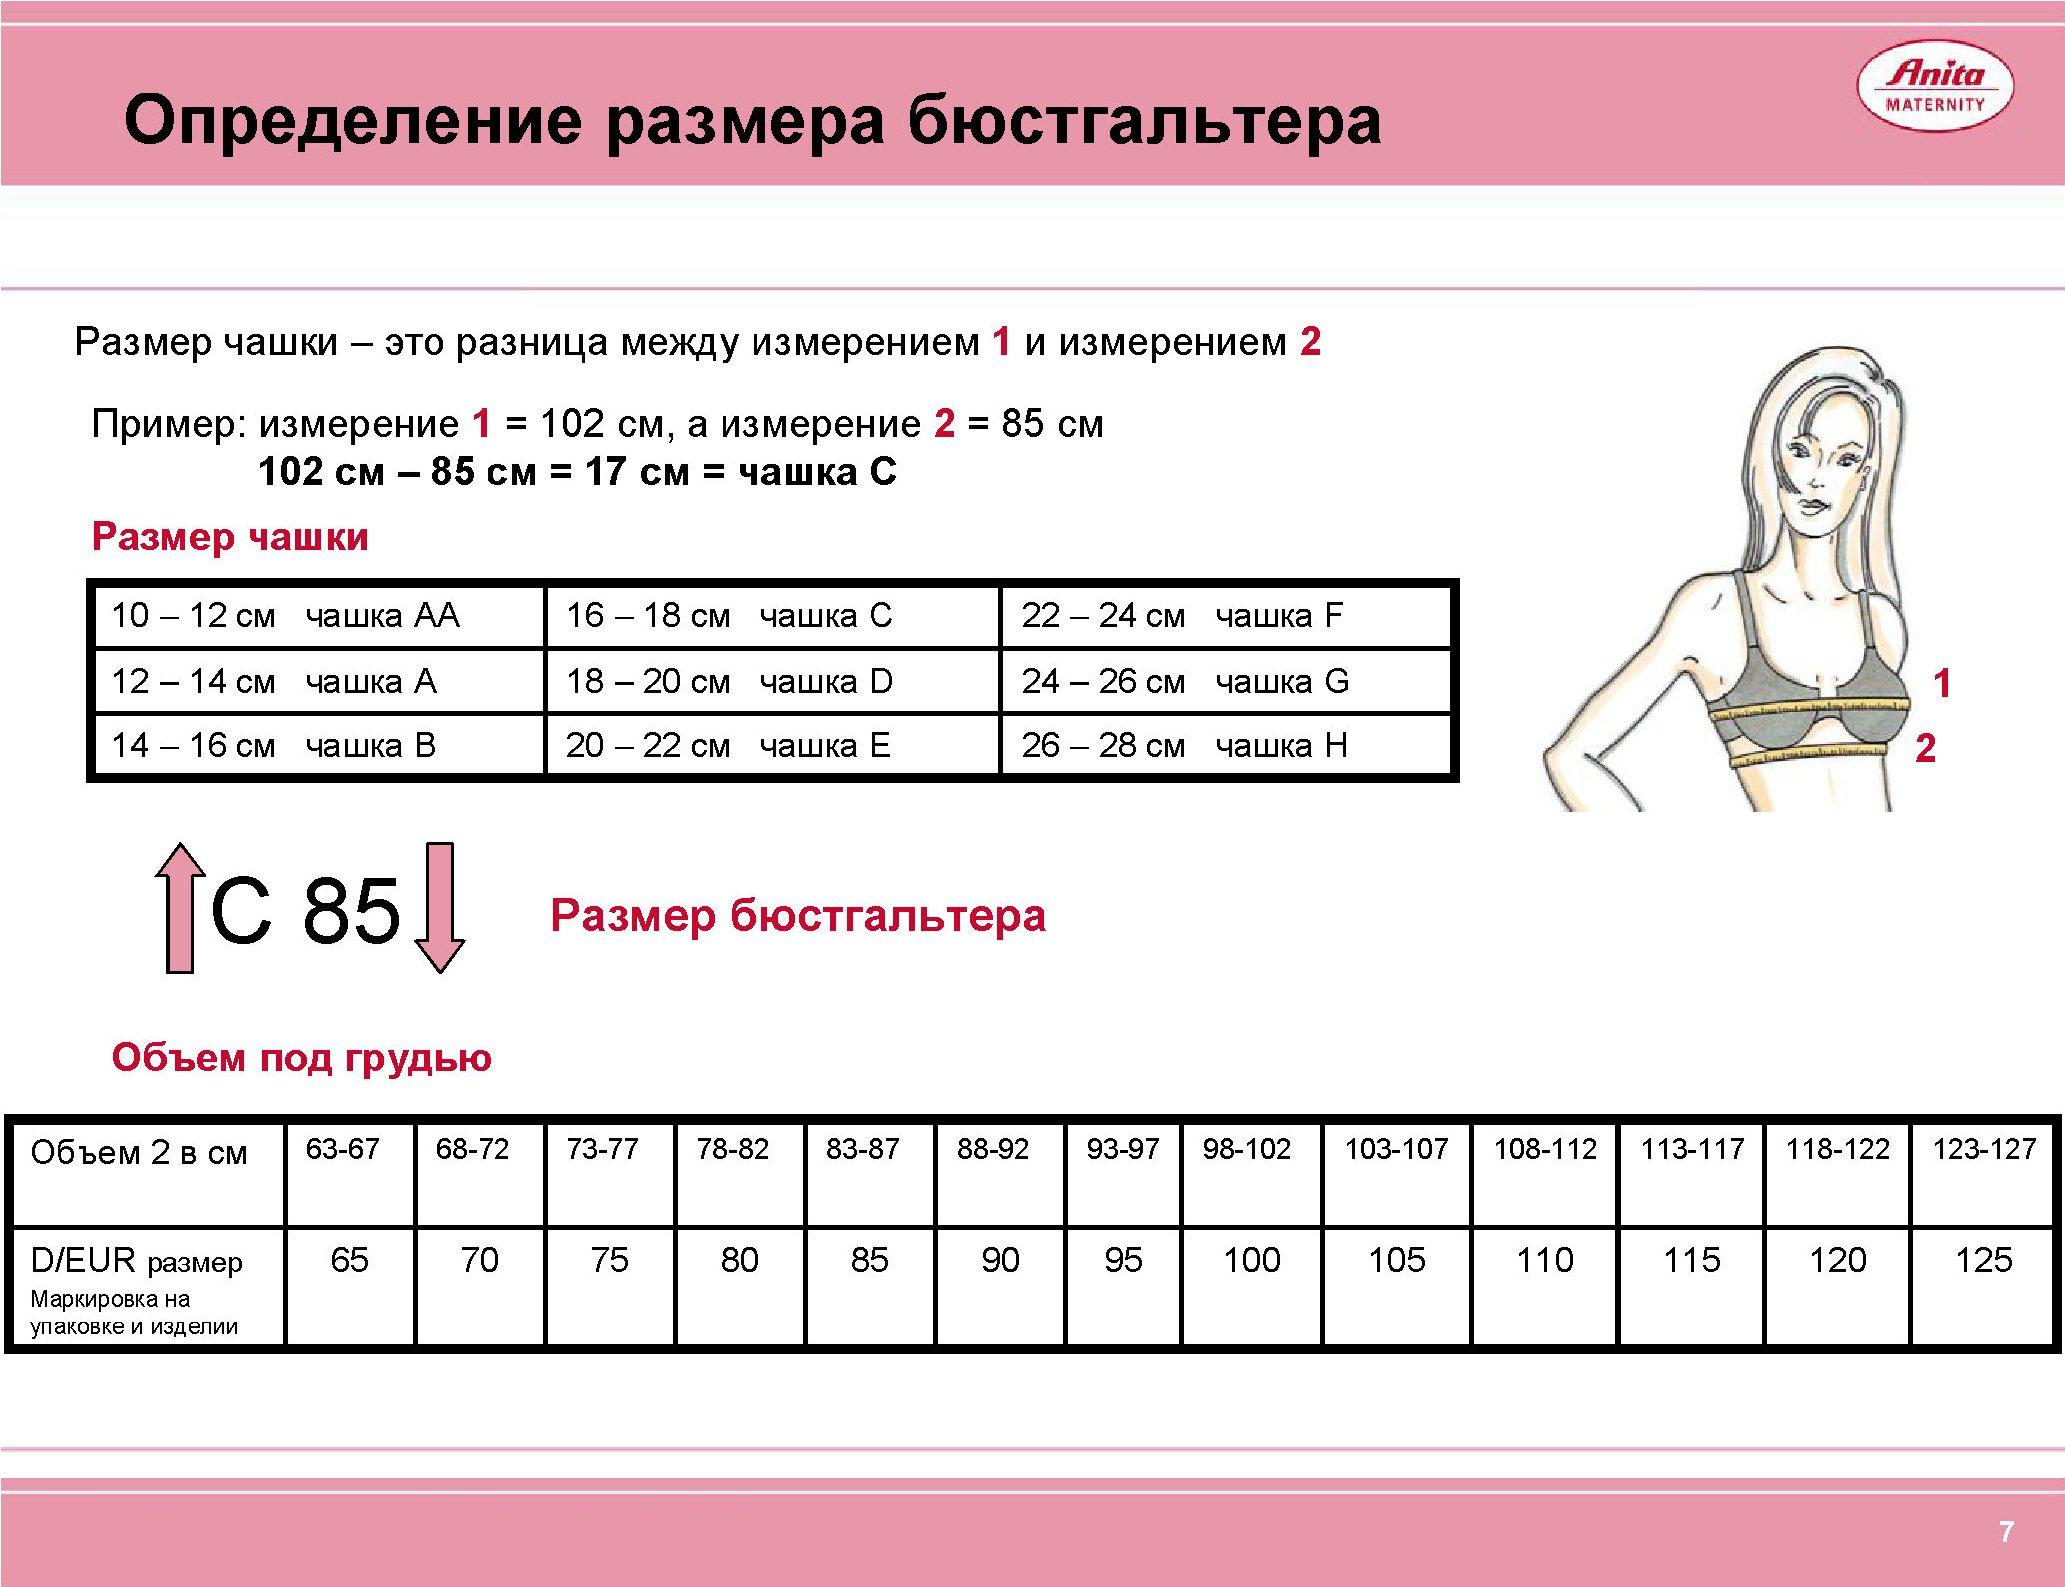 ᐉ зачем нужен лифчик девушкам? что такое бюстгальтер - mariya-mironova.ru